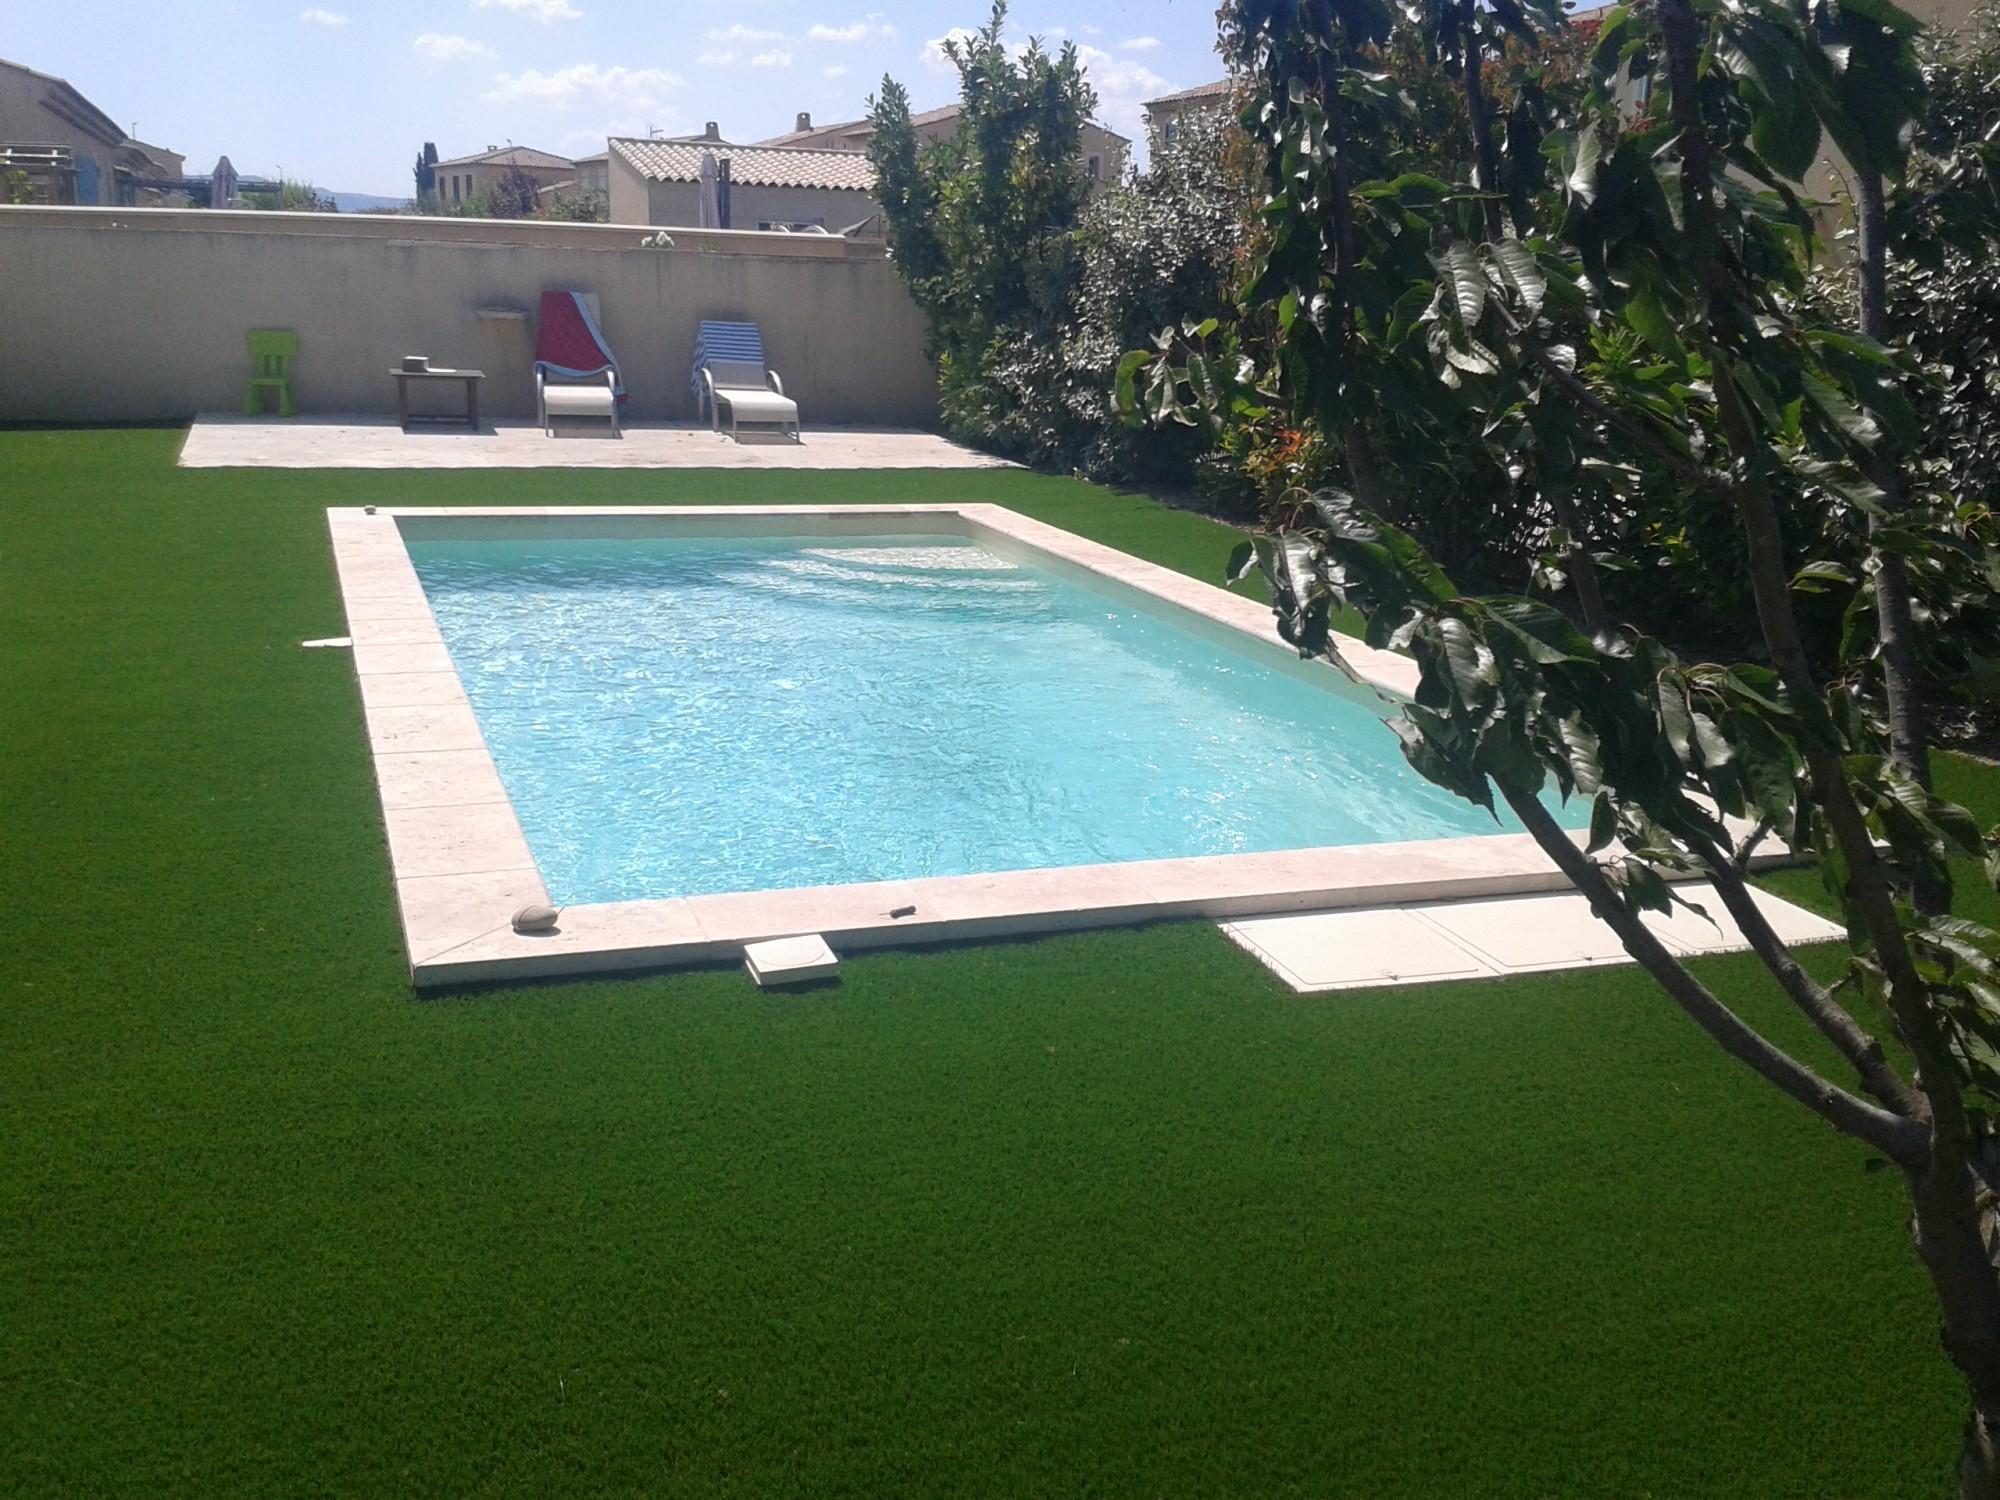 pose d 39 un gazon synth tique autour d 39 une piscine aix en. Black Bedroom Furniture Sets. Home Design Ideas